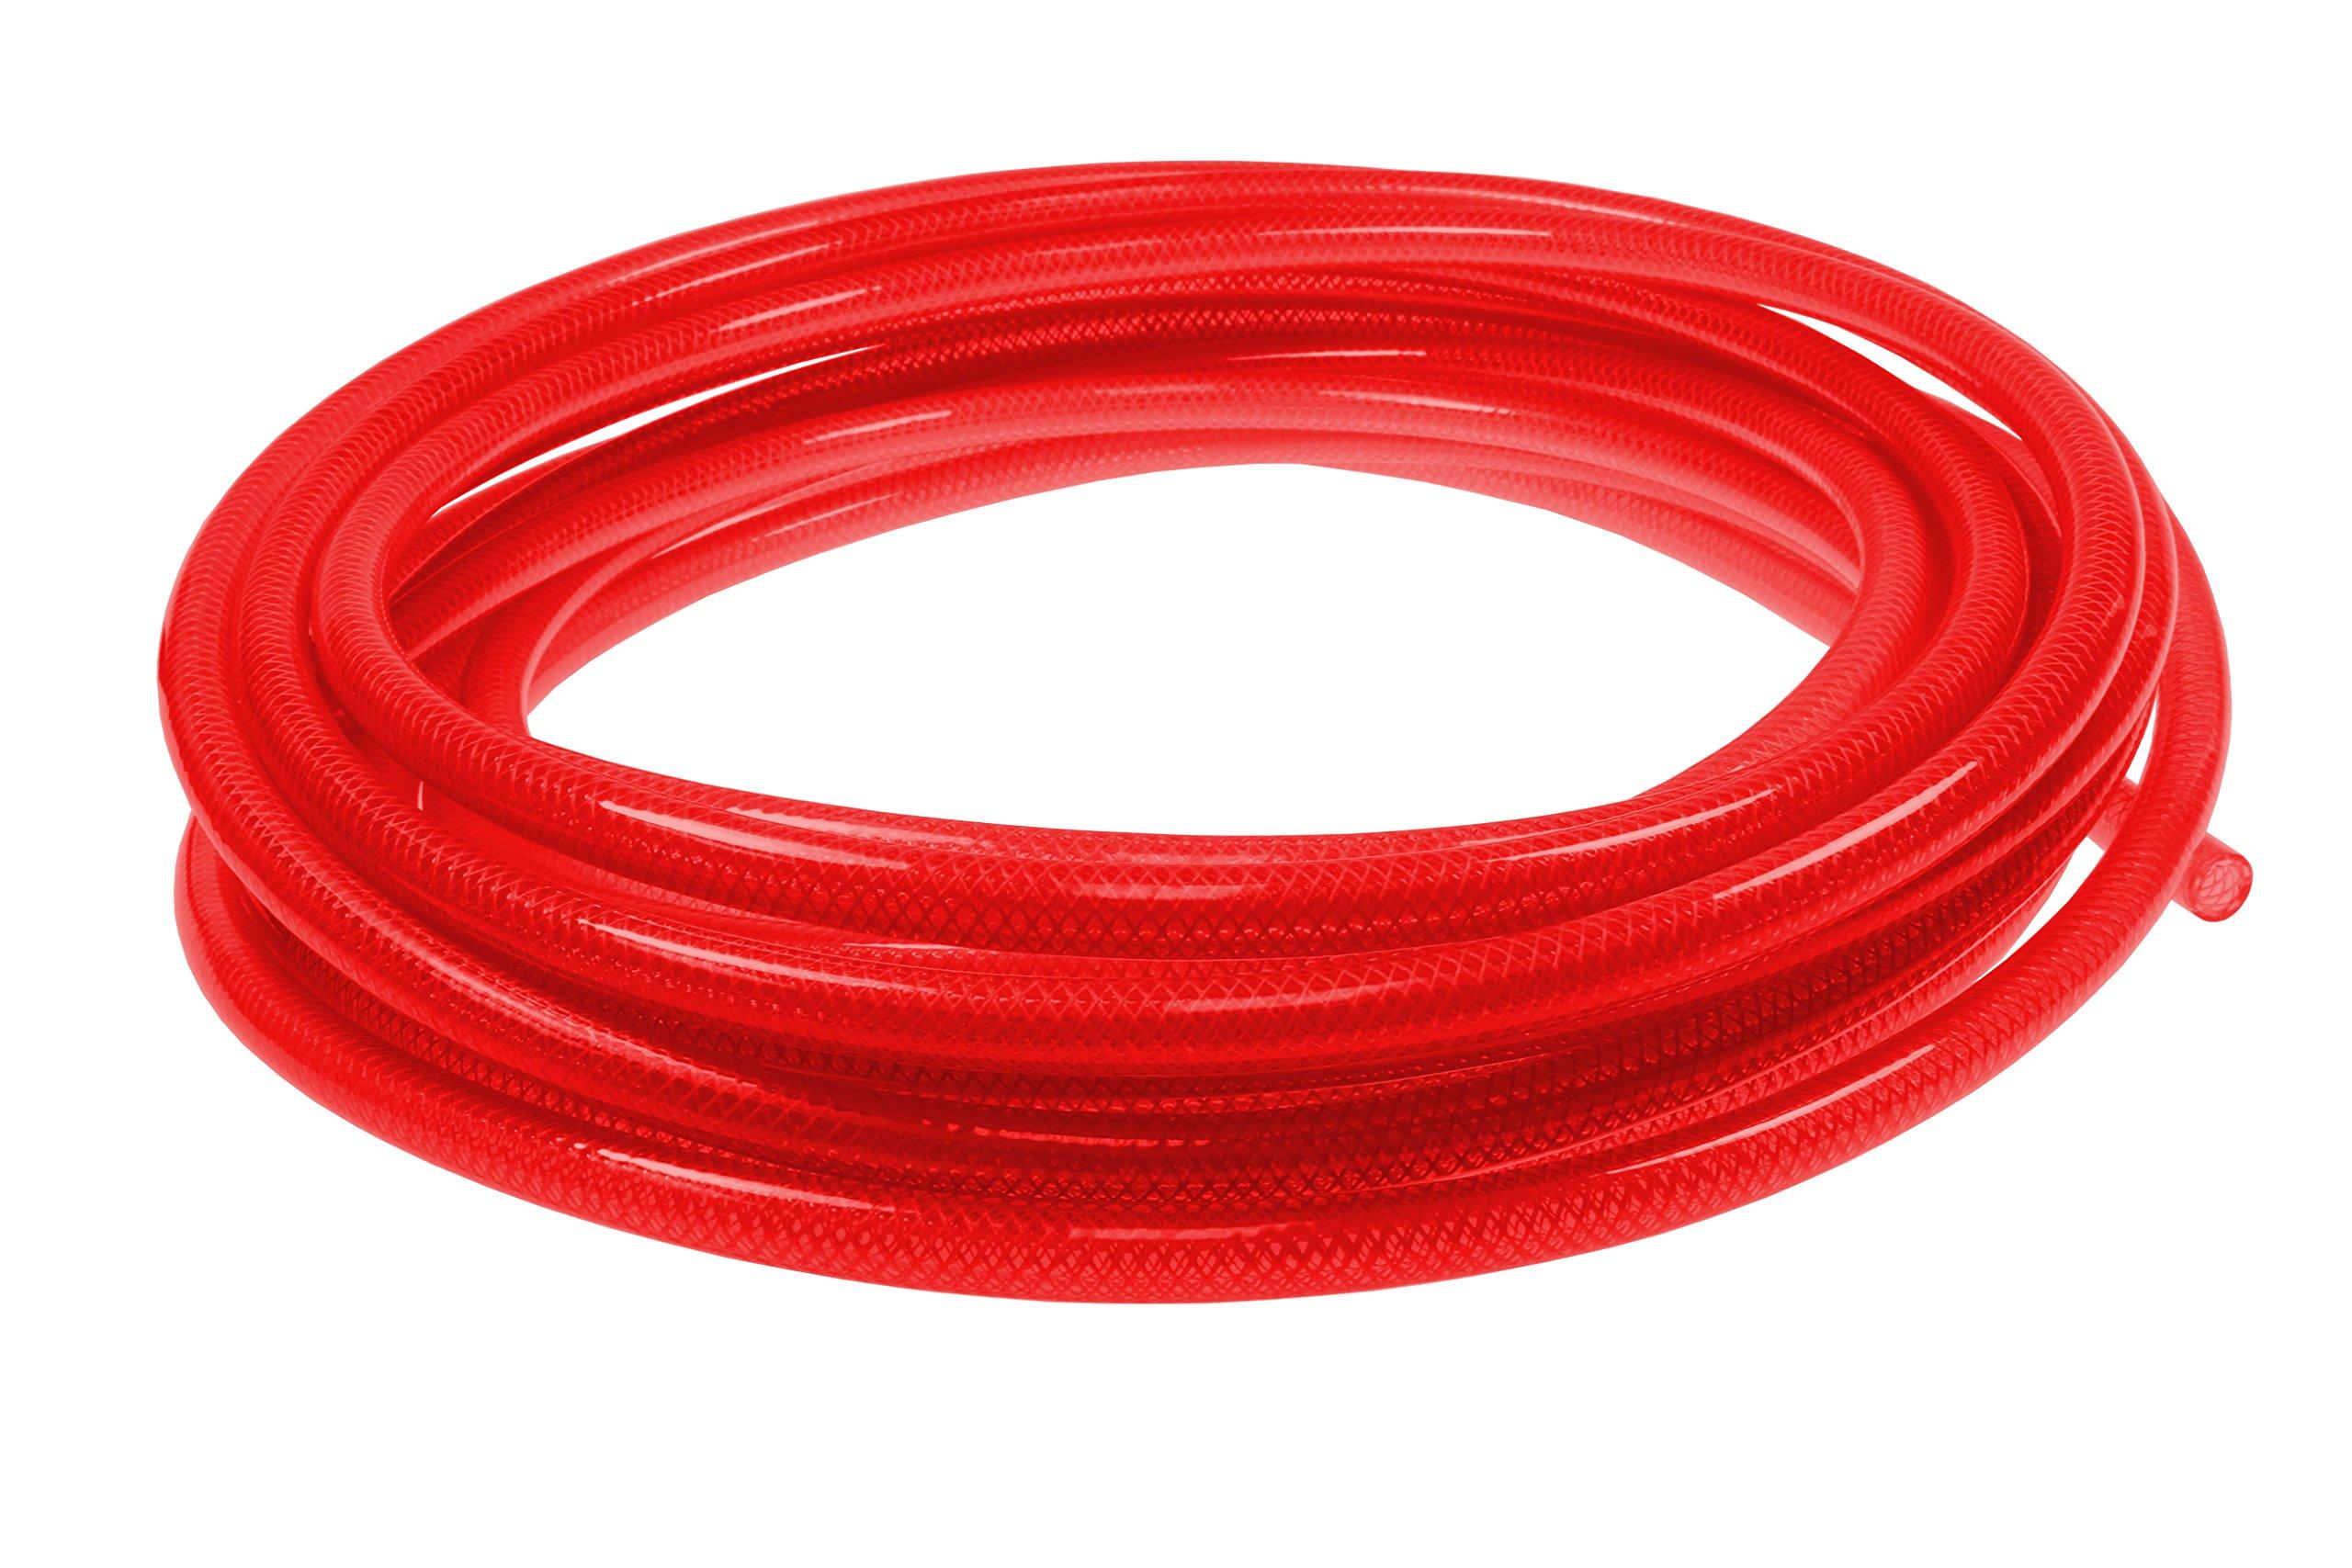 Coilhose Pneumatics PFE4100TR Flexeel Reinforced Polyurethane Air Hose, 1/4'' ID, 100' Length, No Fittings, Transparent Red, Polyurethane